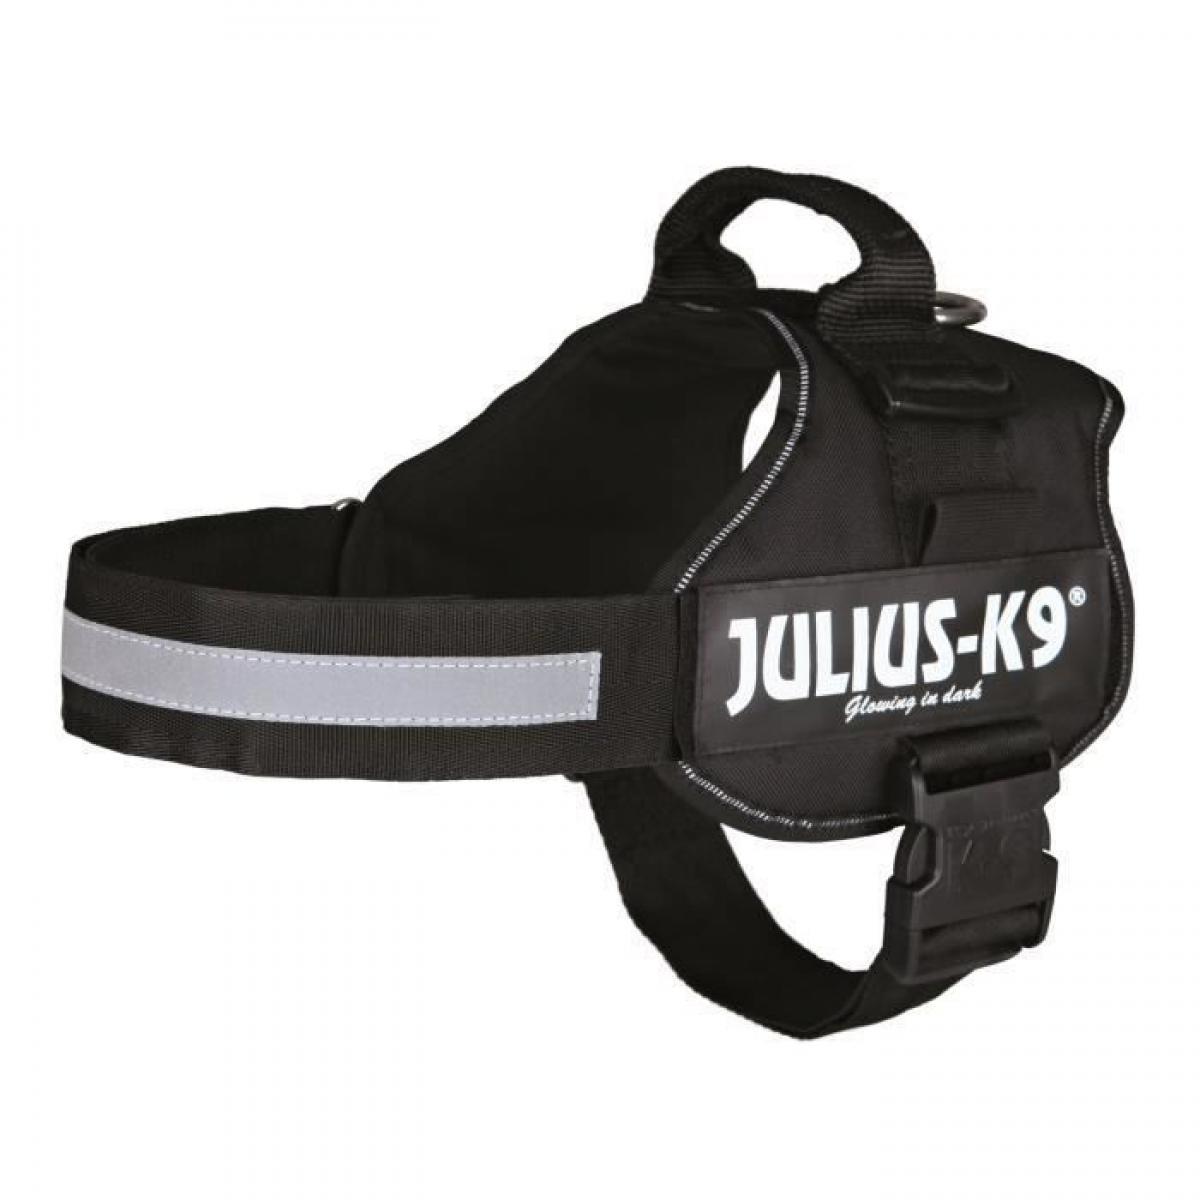 Julius K9 Harnais Power Julius-K9 - 2 - L-XL : 71-96 cm-50 mm - Noir - Pour chien